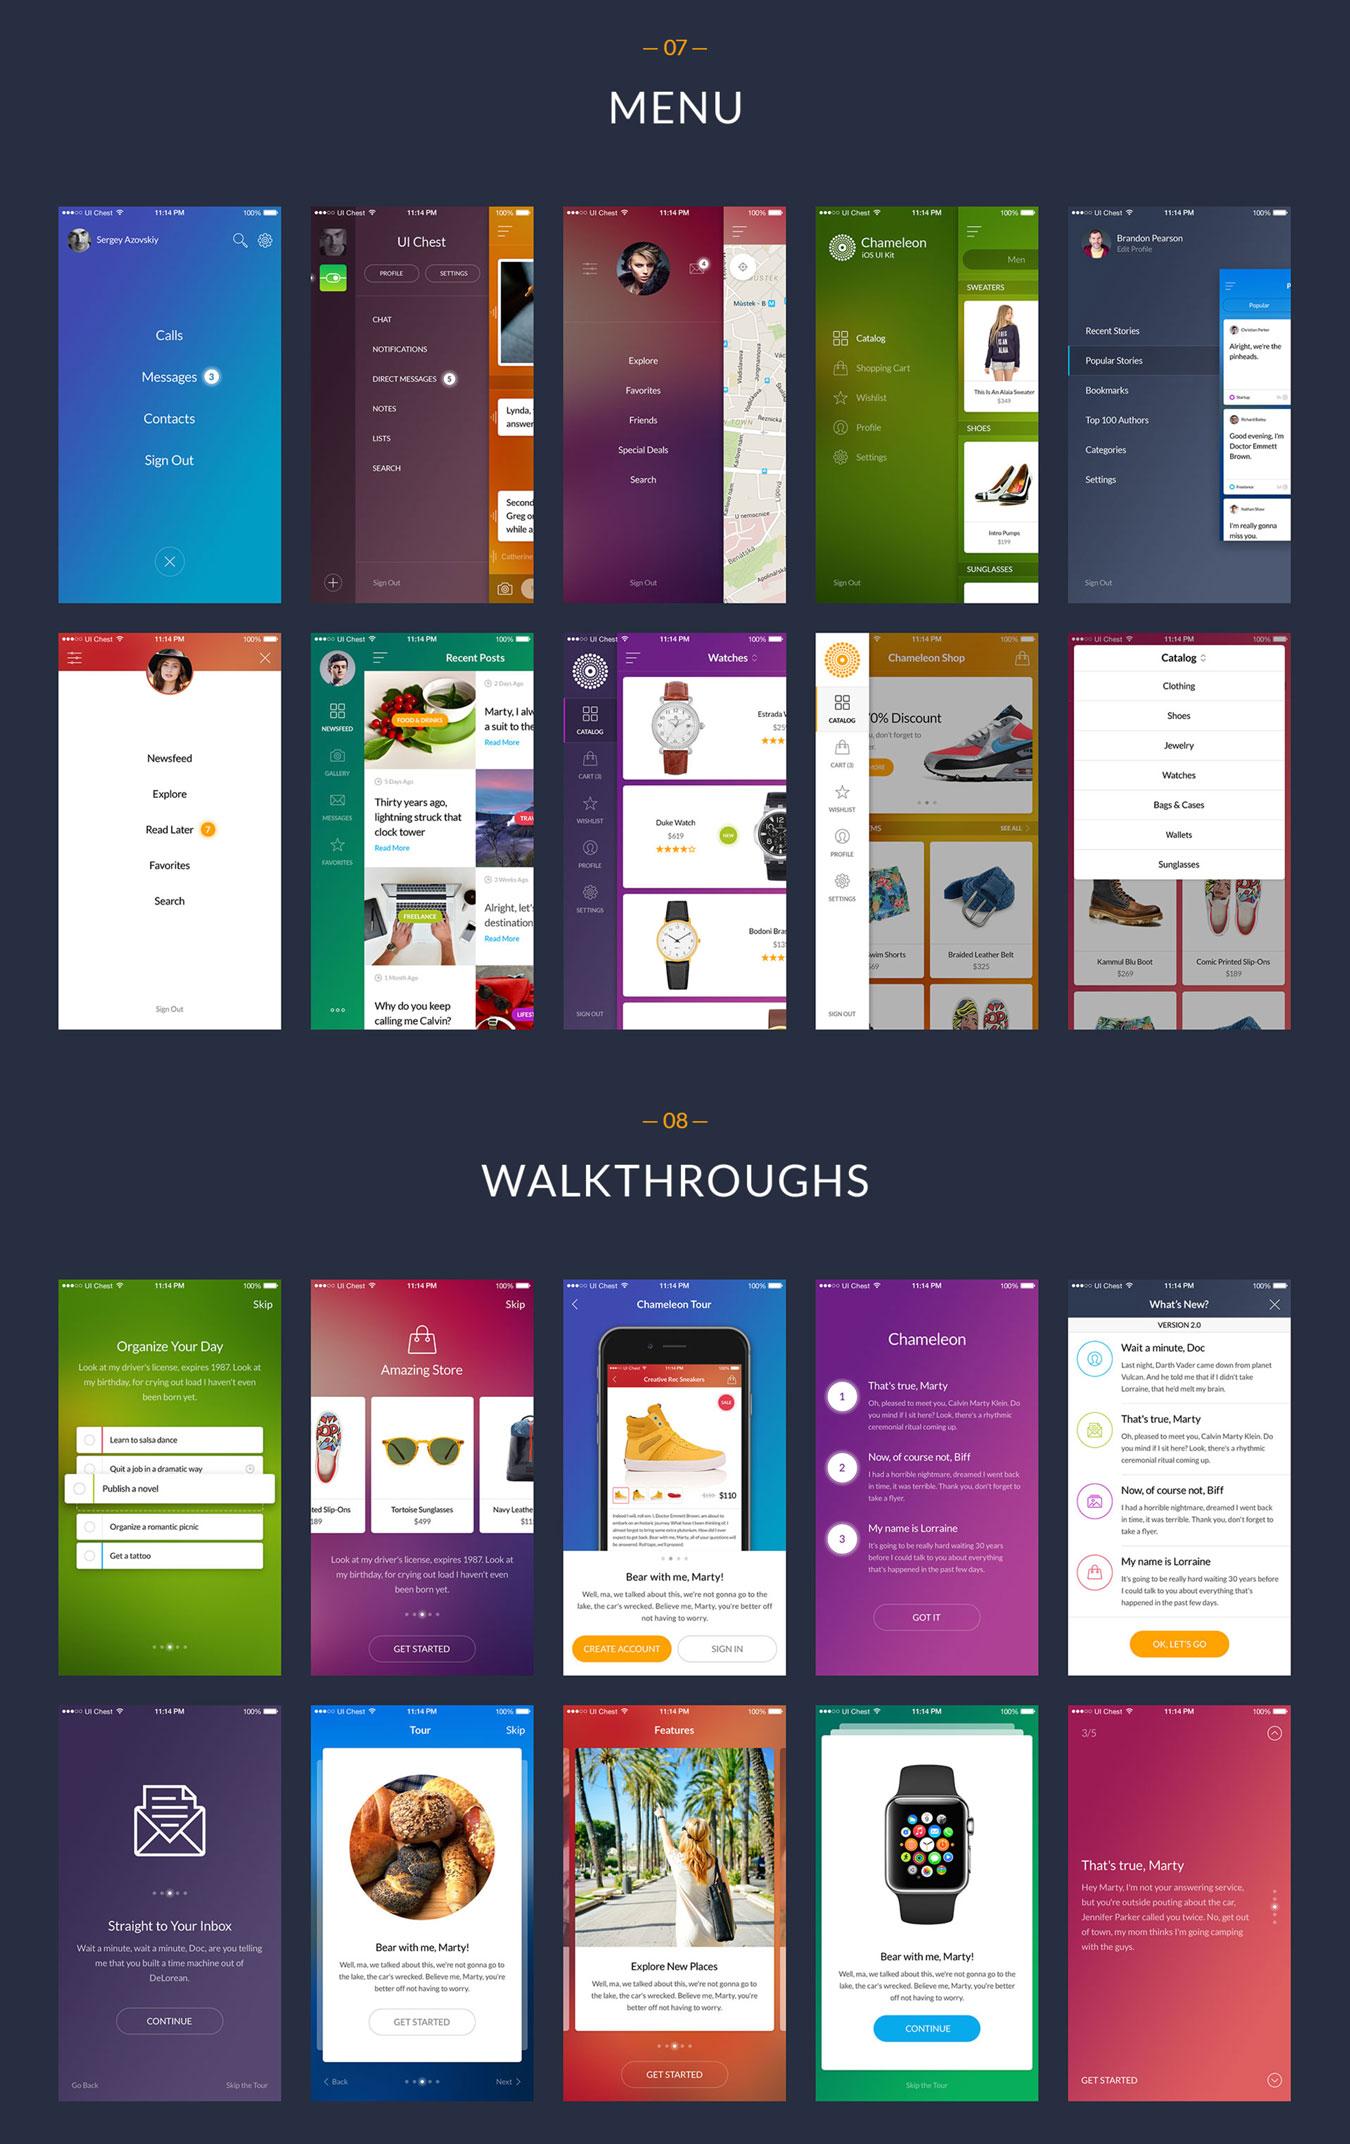 多功能在线购物摄影社交软件APP UI设计模板套件 Chameleon UI Kit插图(7)